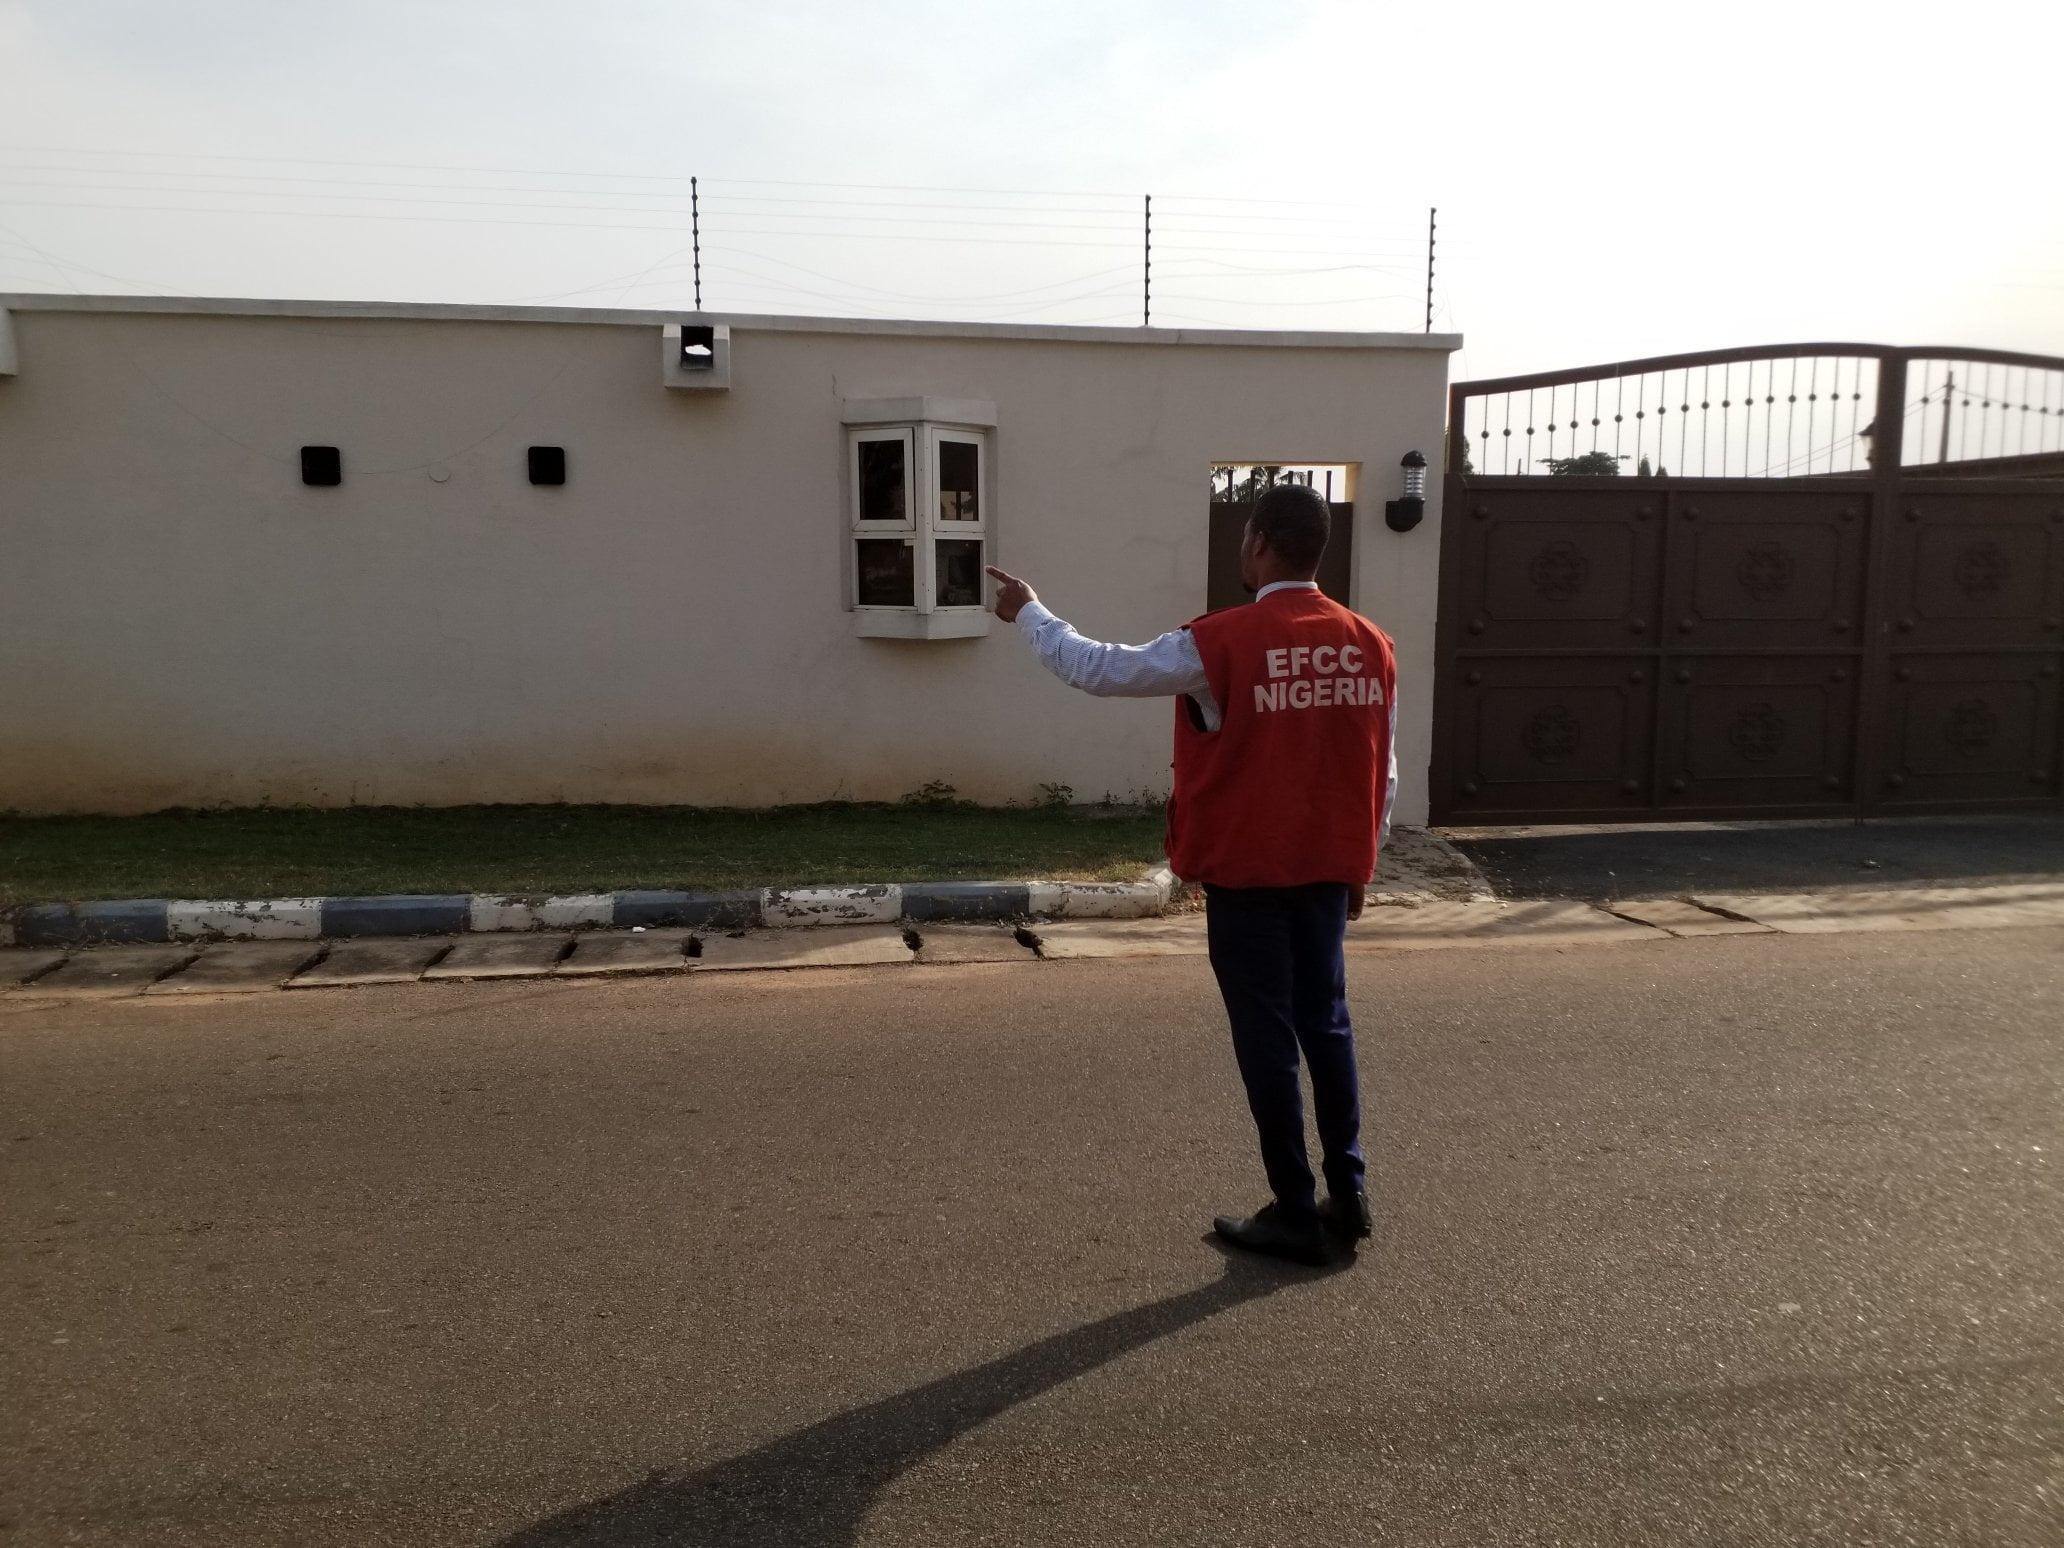 EKzO5mBWwAA5RGR - Court Orders Saraki To Forfeit Houses To FG (Photos)